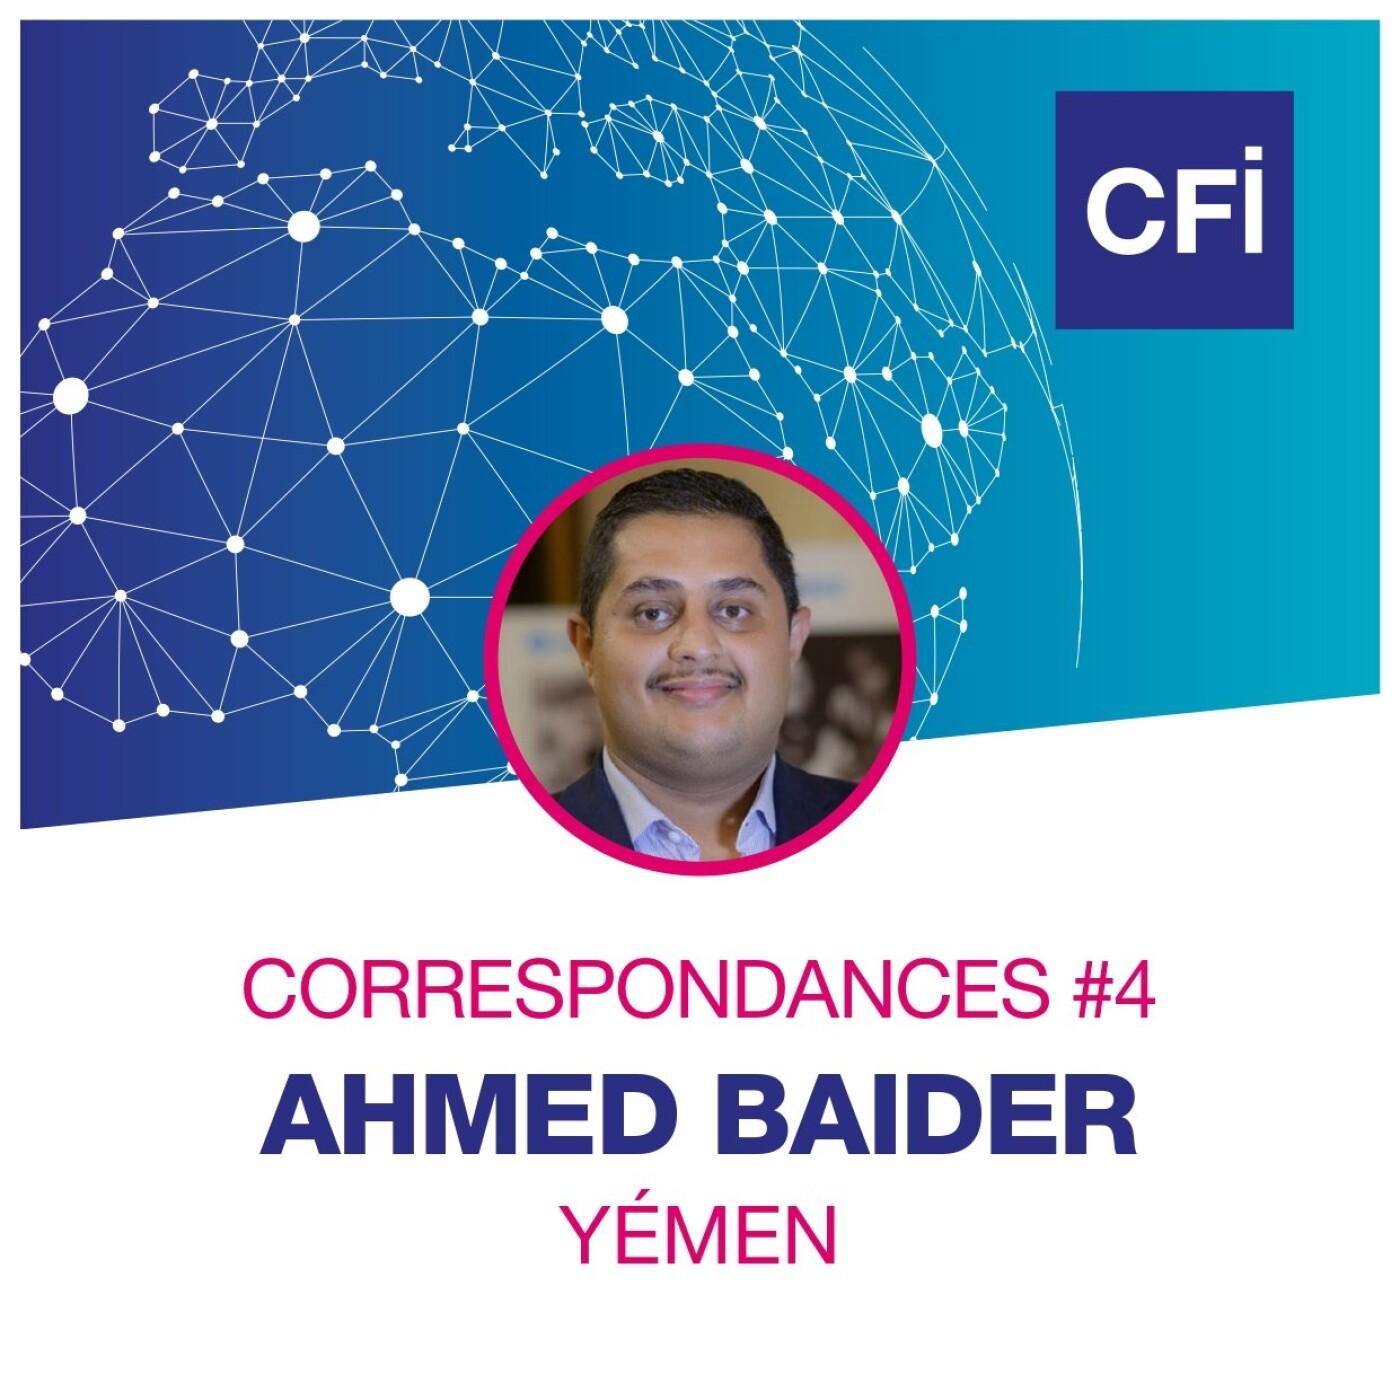 Correspondances #4 - Ahmed Baider, garant de l'information sur la guerre au Yémen